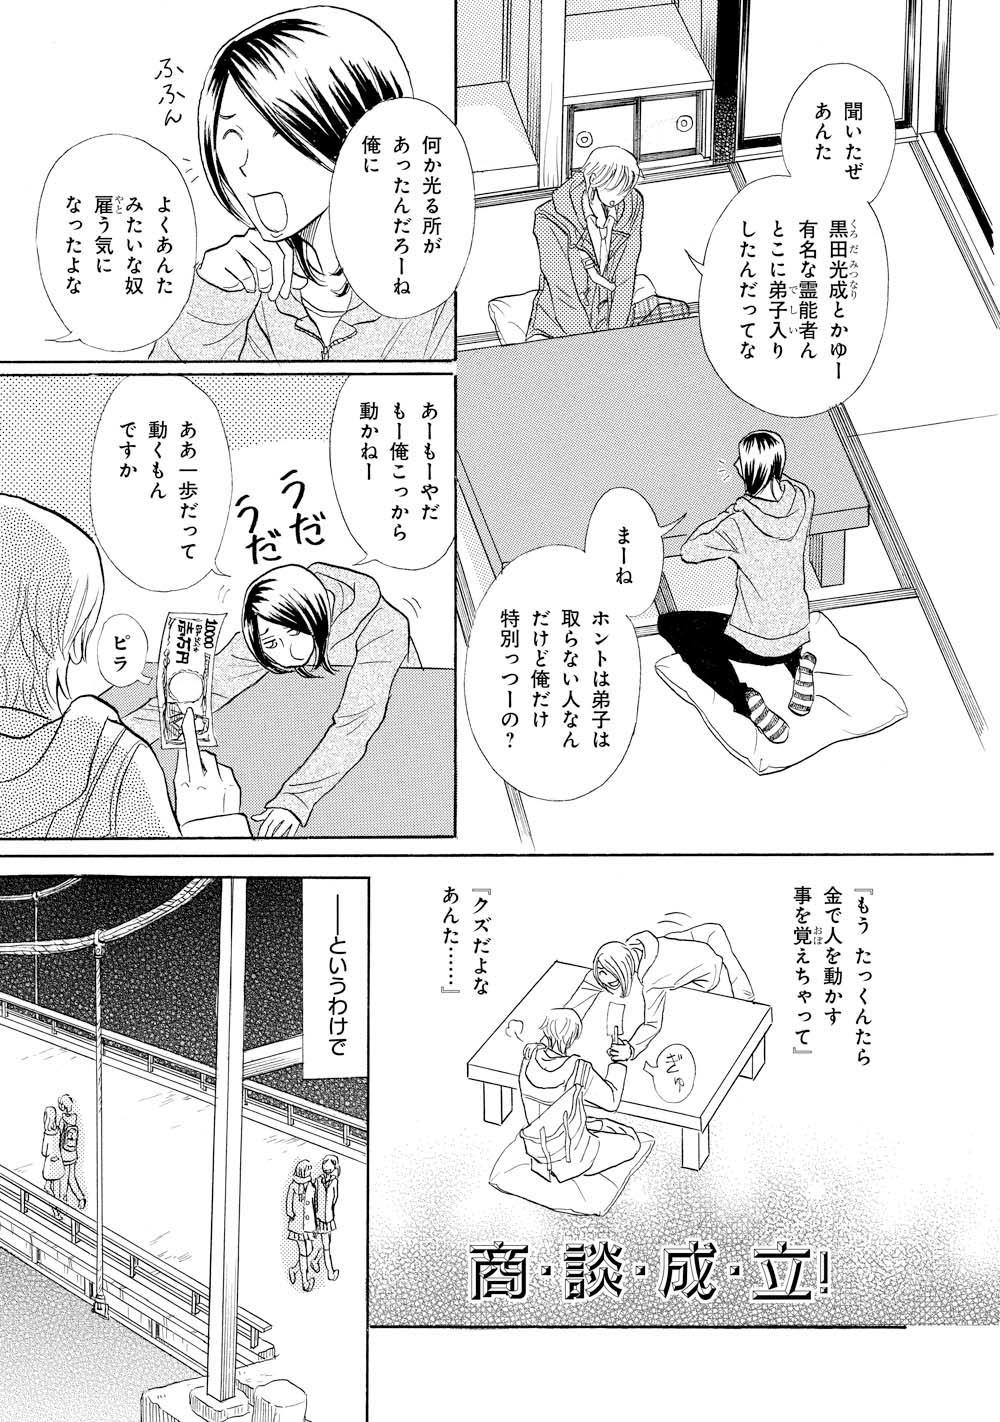 伊集院月丸_2_009.jpg